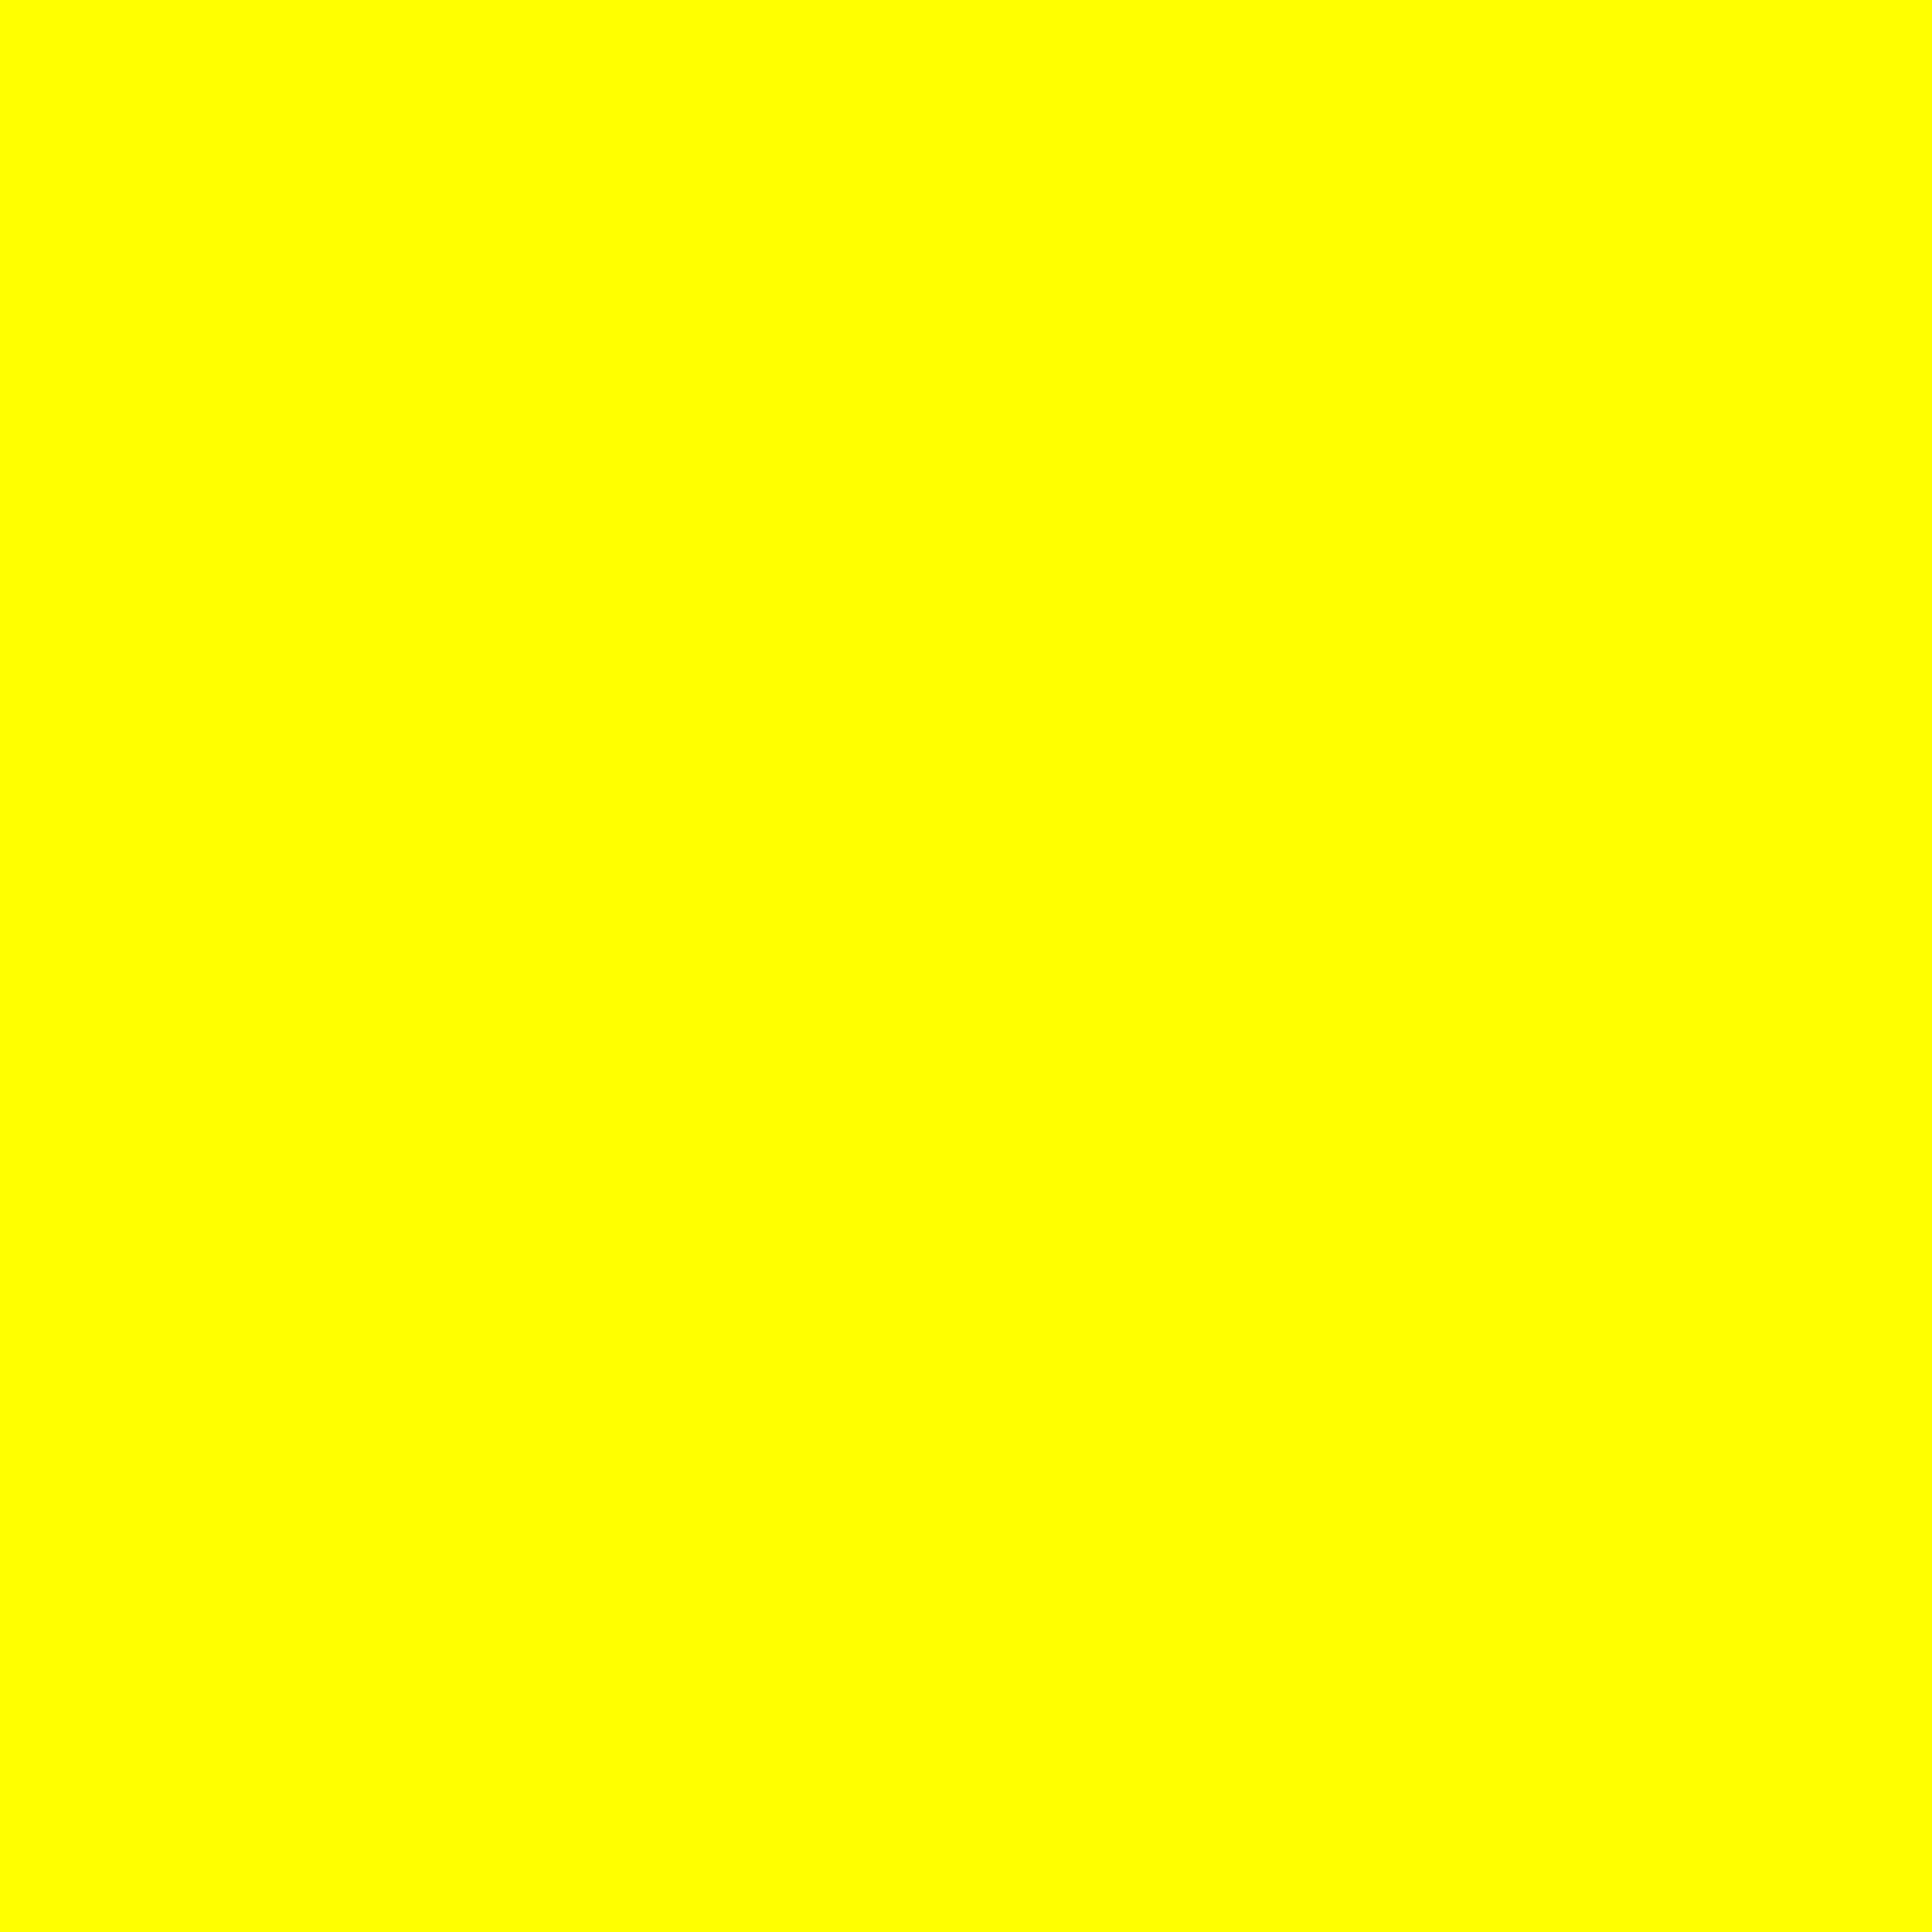 Yellow Square Clip Art